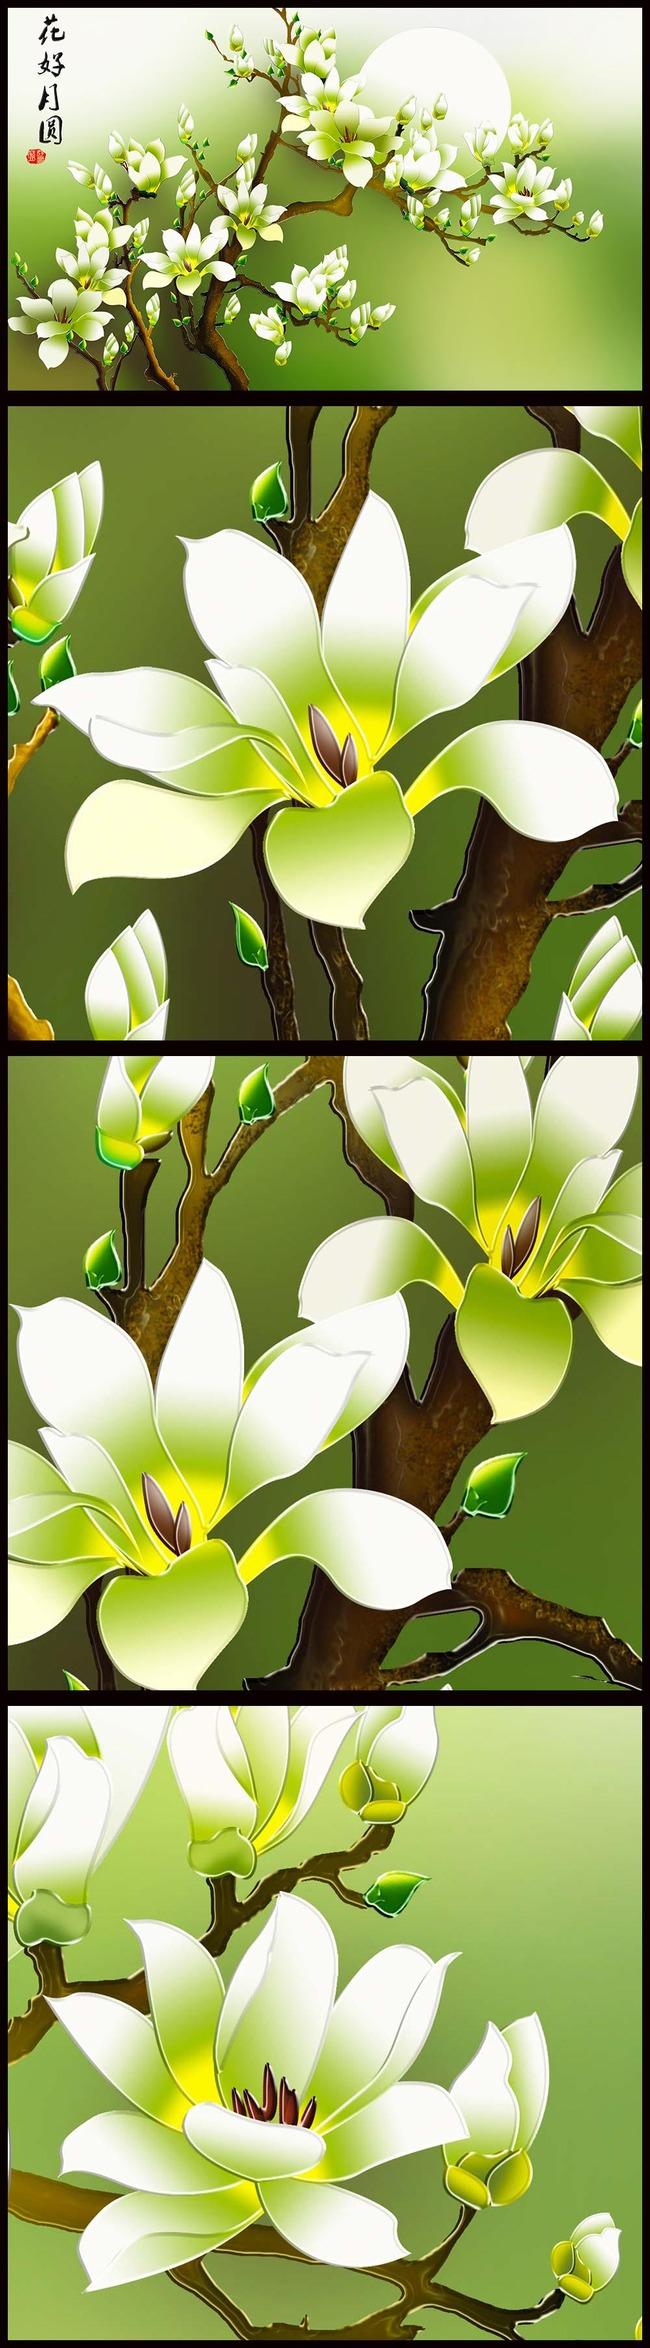 仿彩雕手绘玉兰花